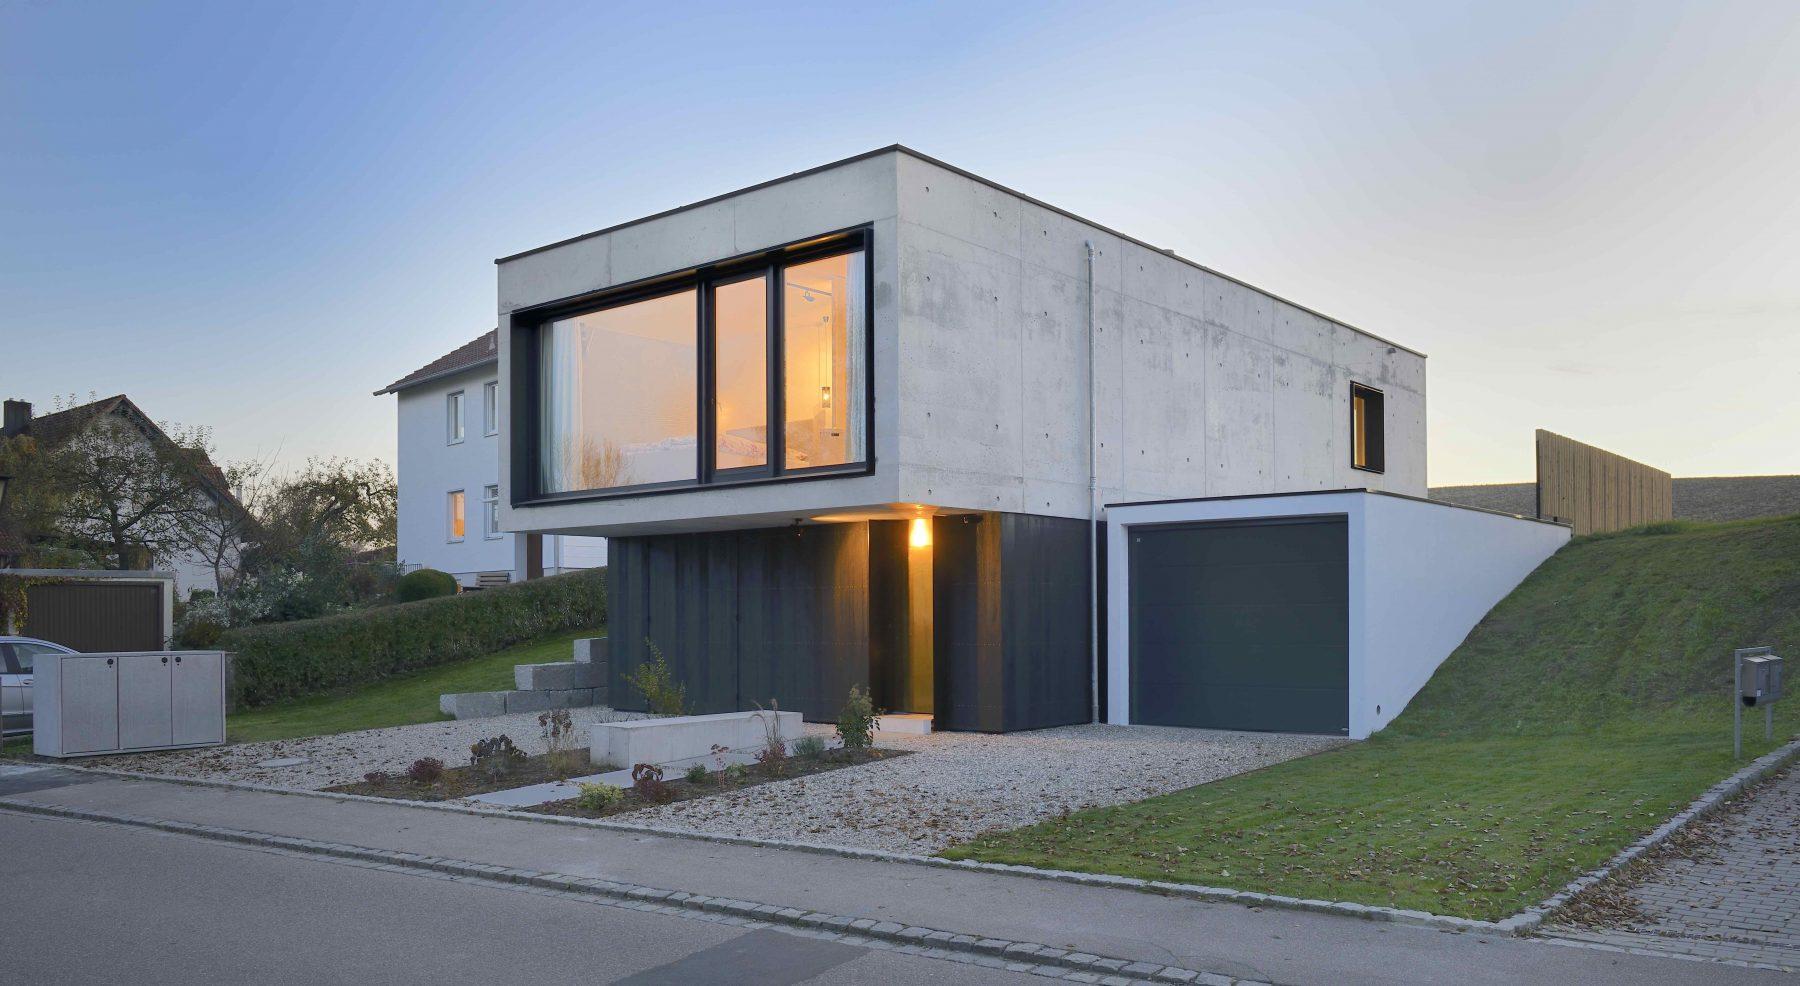 Einfamilienhaus in Aiterbach: Die 50 cm starken Außenwände bestehen aus Infraleichtbeton. Foto: Informations-Zentrum Beton/Peters